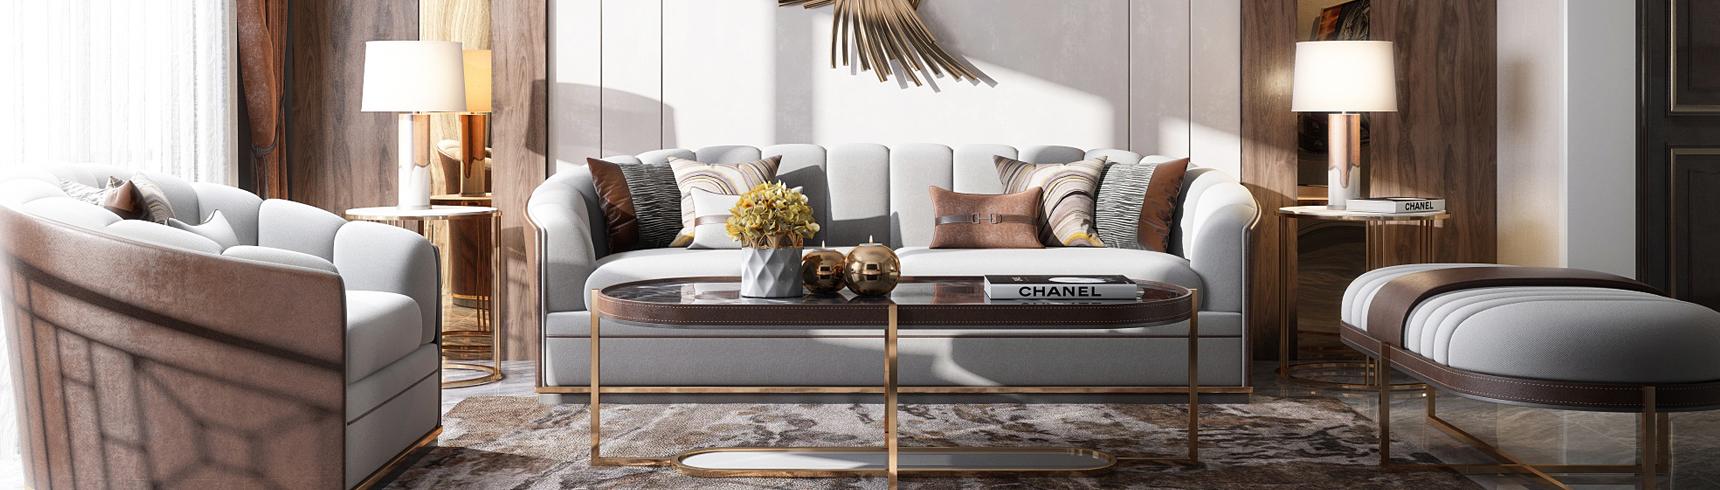 现代客厅 电视柜 沙发茶几组合 吊灯 壁灯 窗帘3D模型下载